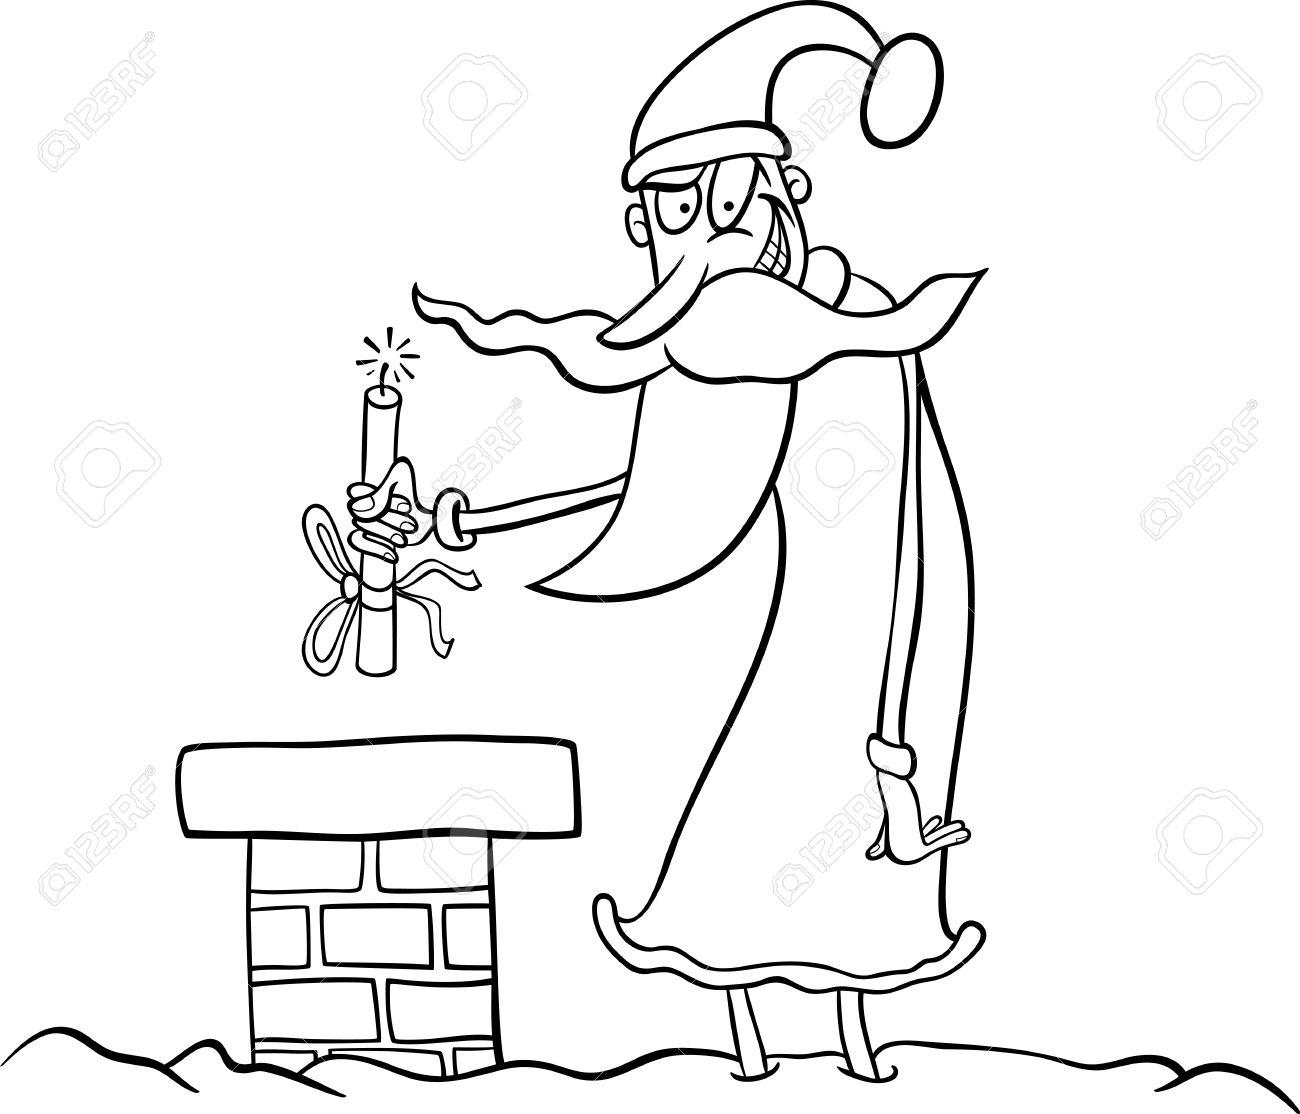 Illustration De Dessin Animé Drôle De Père Noël Ou Papa Noël Sur Le Toit Avec Le Bâton De Dynamite Comme Cadeau De Noël Pour Coloring Book